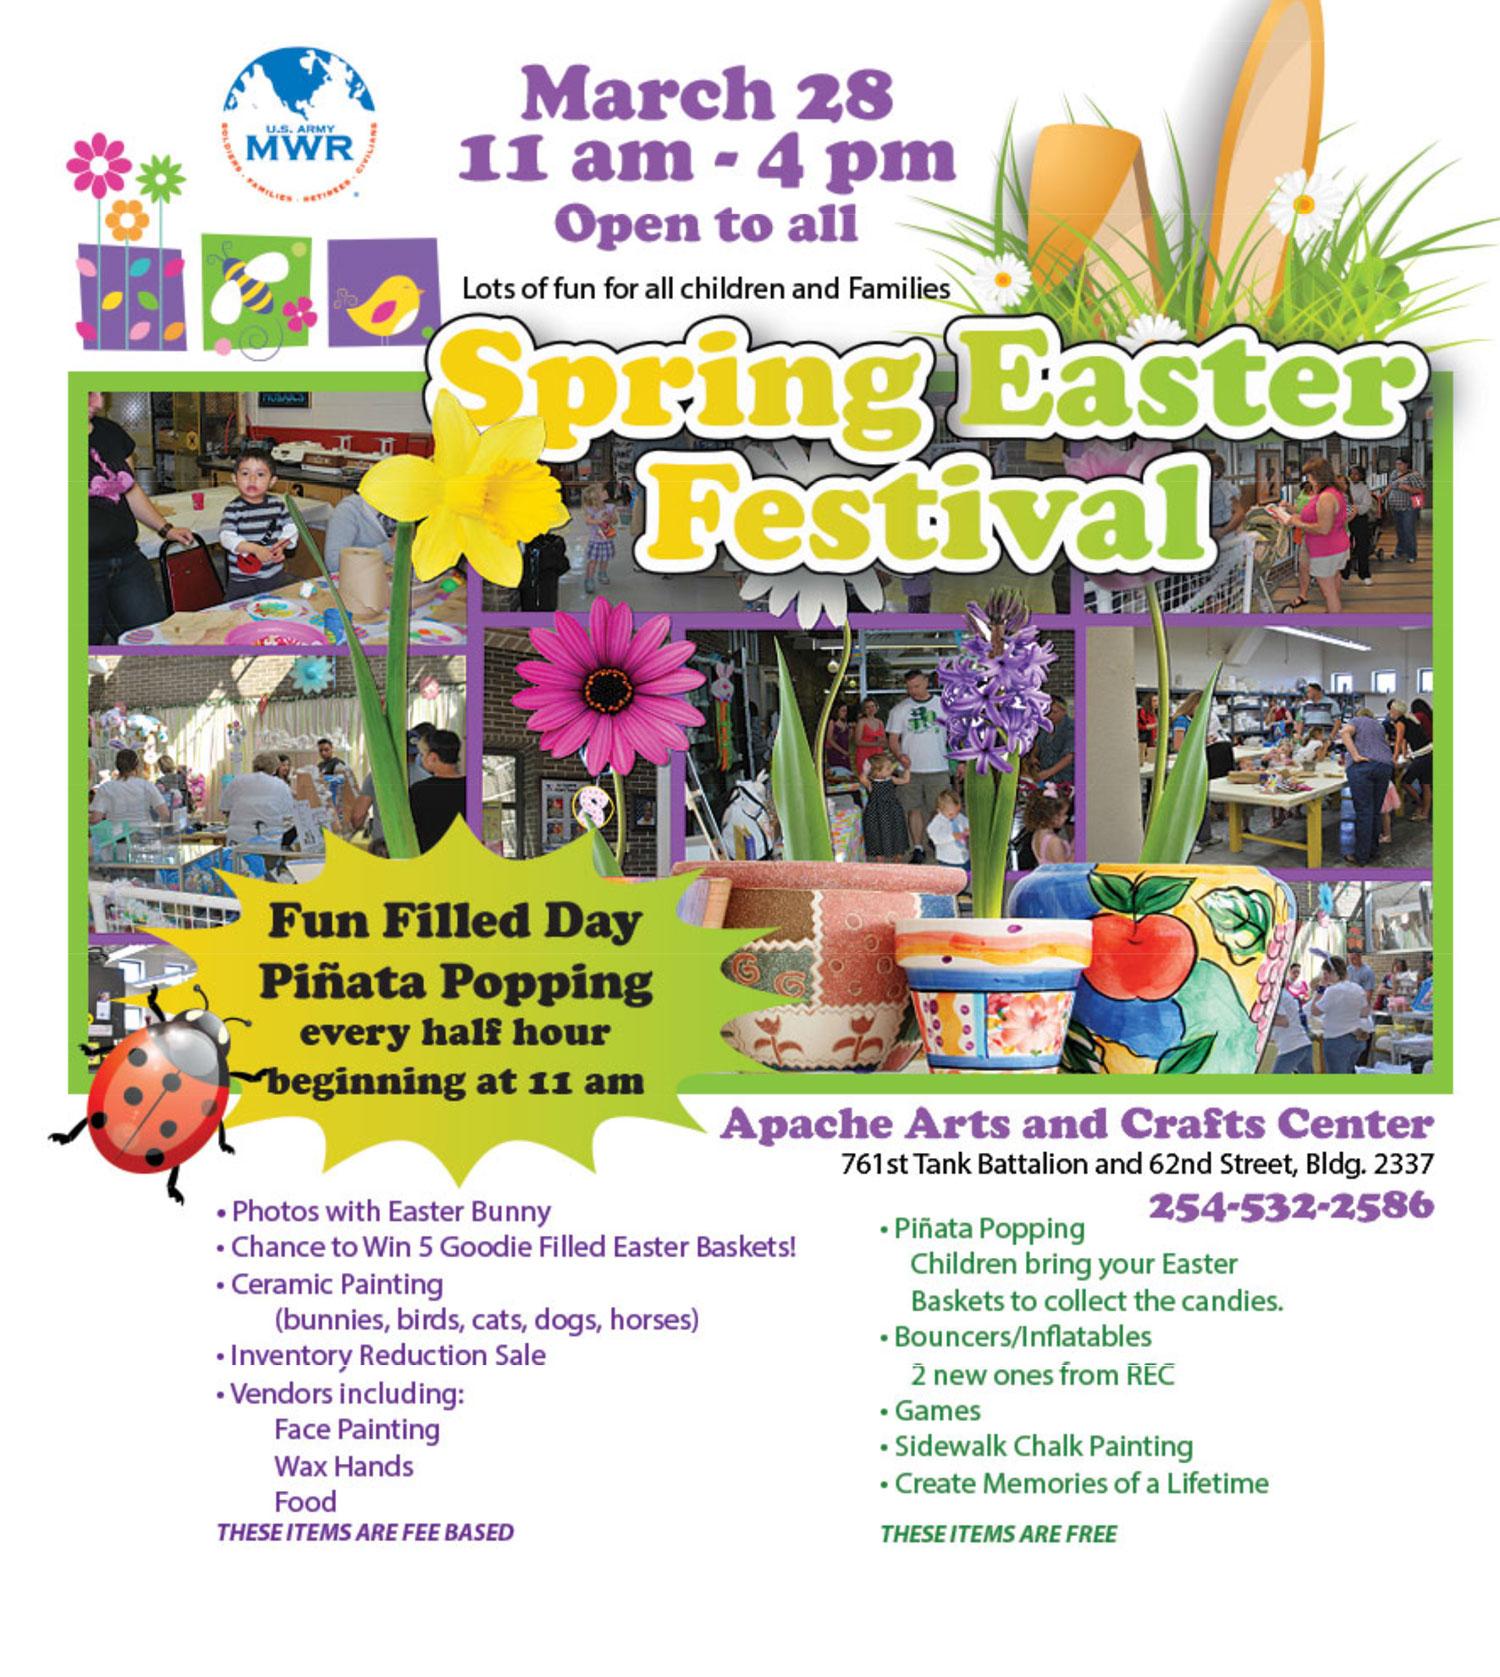 Spring Easter Festival